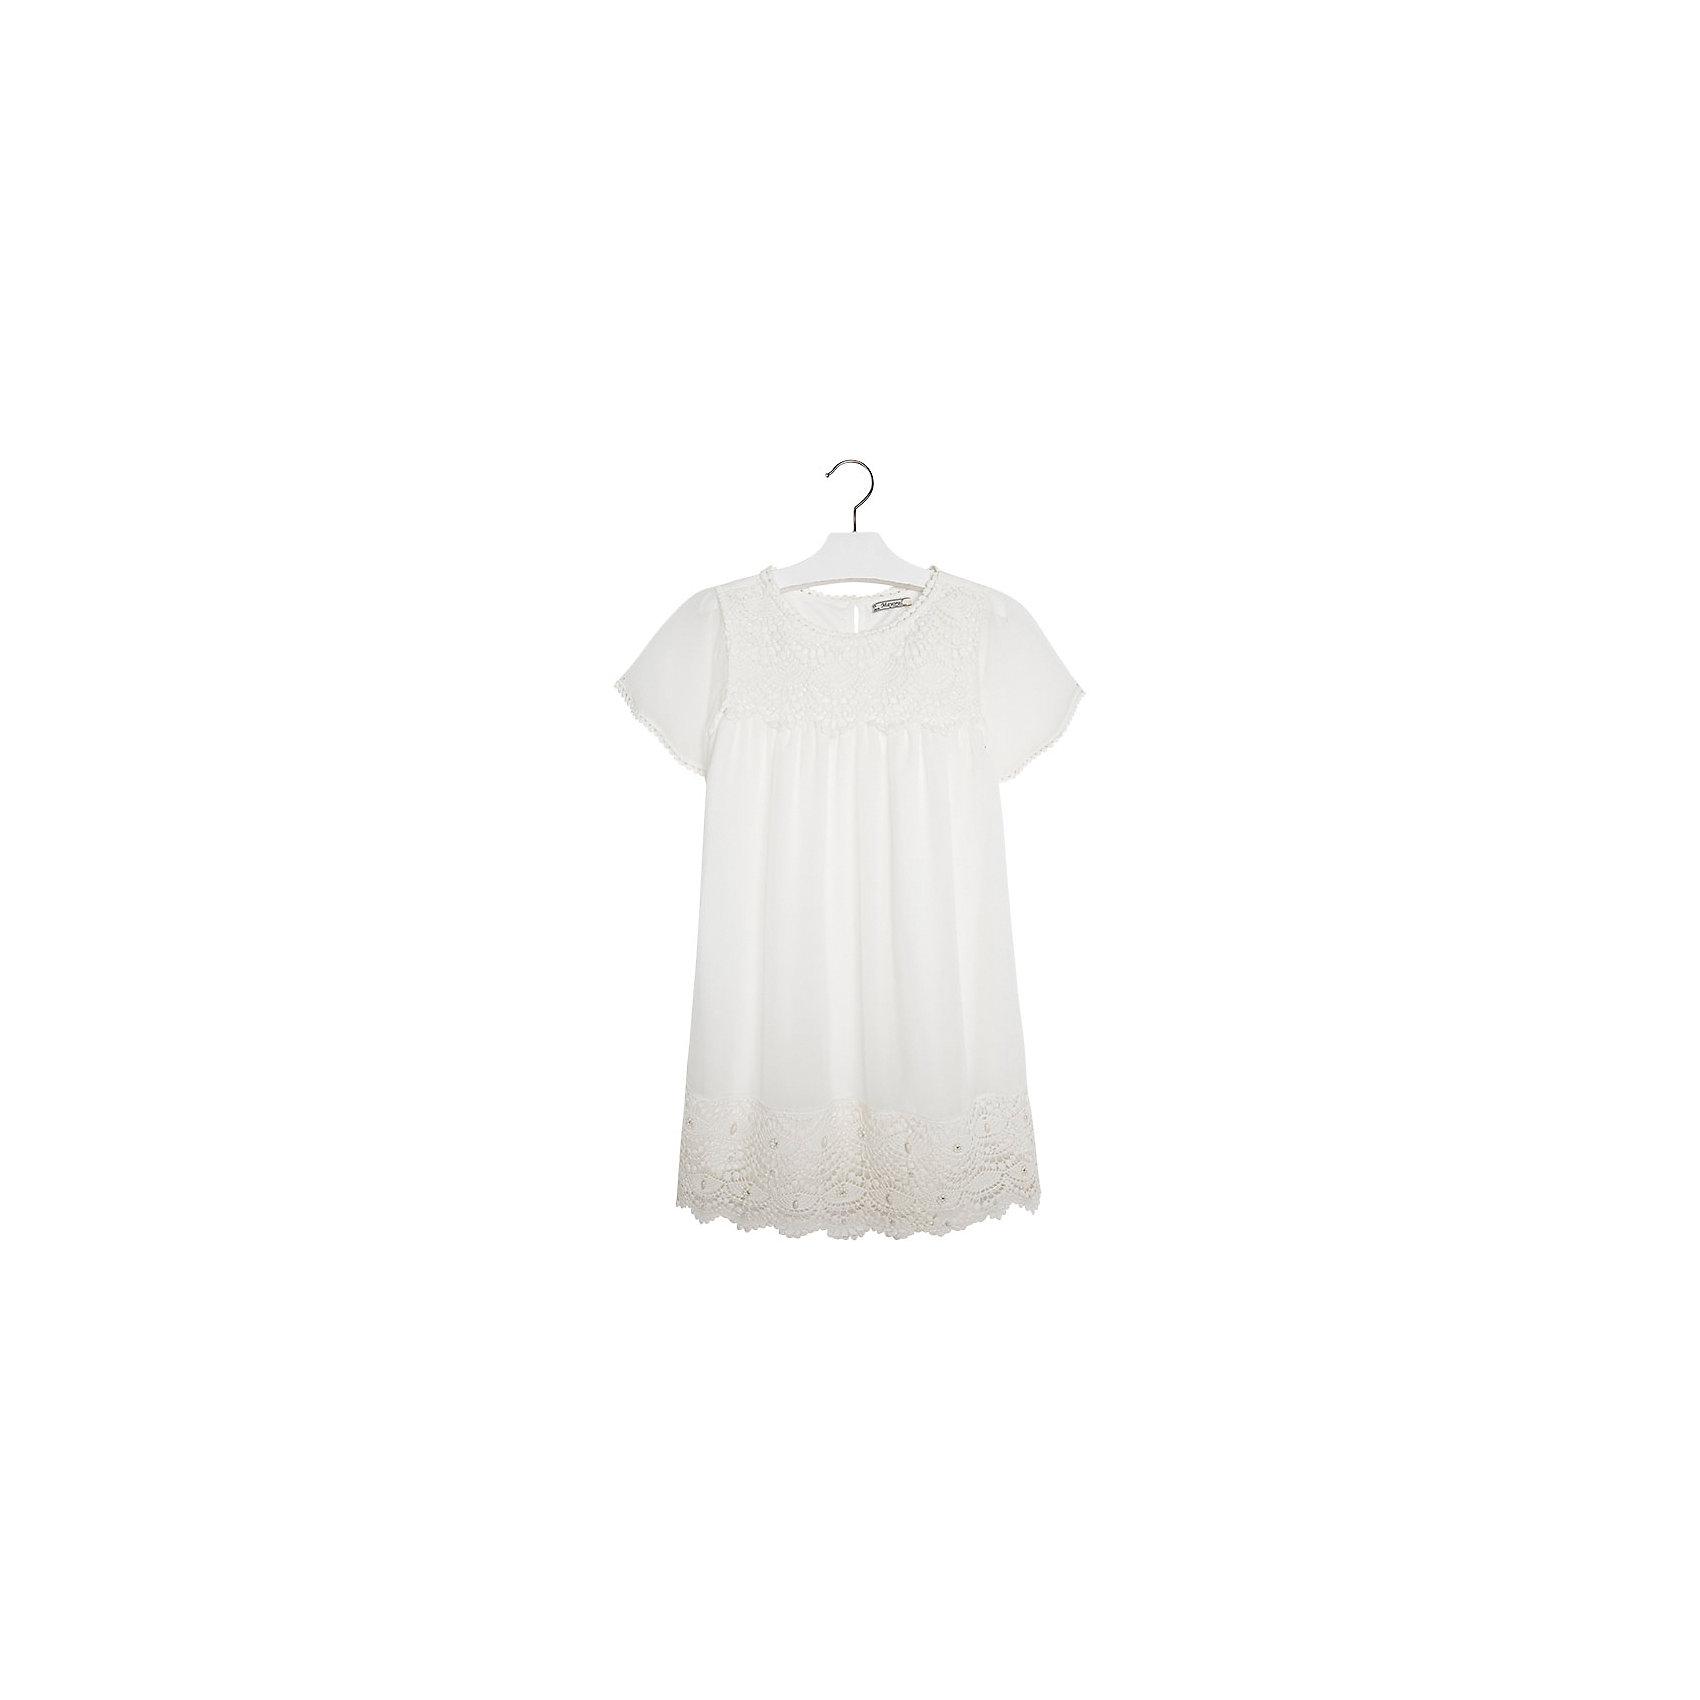 Платье для девочки MayoralПлатье от известной испанской марки Mayoral  - прекрасный вариант для юных модниц. <br><br>Дополнительная информация:<br><br>- Двухслойная ткань.<br>- Прямой крой.<br>- Рукава, низ и грудь декорированы нежным кружевом. <br>- Застегивается на пуговицу на спине. <br>- Состав: верх - 100% полиэстер, подкладка - 100% полиэстер.<br><br>Платье Mayoral (Майорал) можно купить в нашем магазине.<br><br>Ширина мм: 236<br>Глубина мм: 16<br>Высота мм: 184<br>Вес г: 177<br>Цвет: бежевый<br>Возраст от месяцев: 84<br>Возраст до месяцев: 96<br>Пол: Женский<br>Возраст: Детский<br>Размер: 128,170,164,152,140,158<br>SKU: 4538971